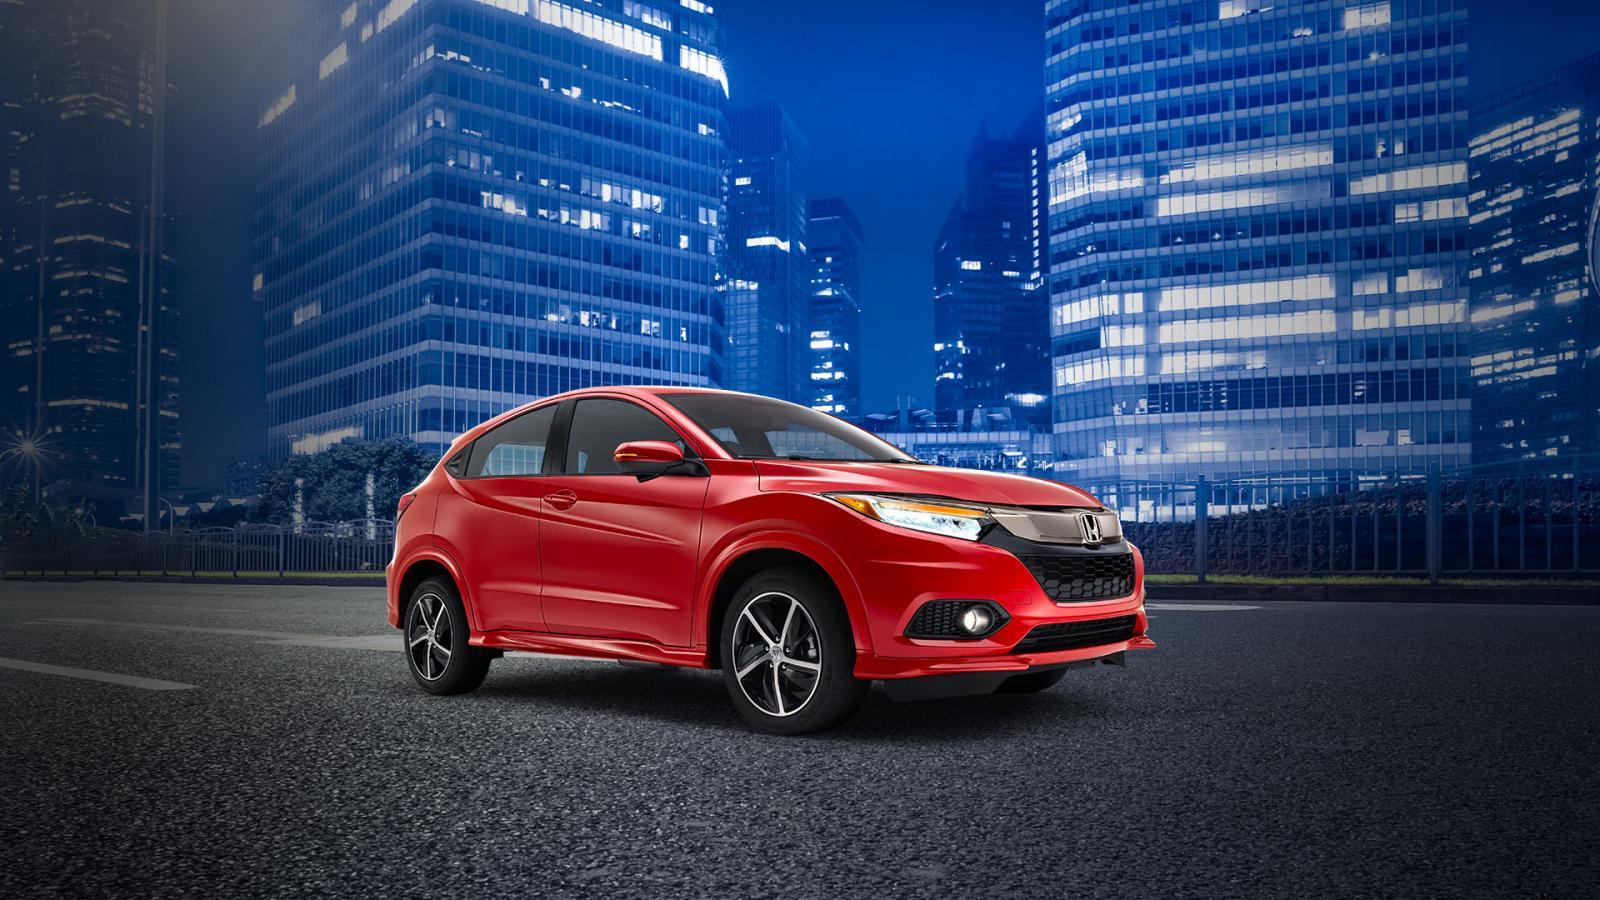 La Honda HR-V es una SUV pensada en los jóvenes